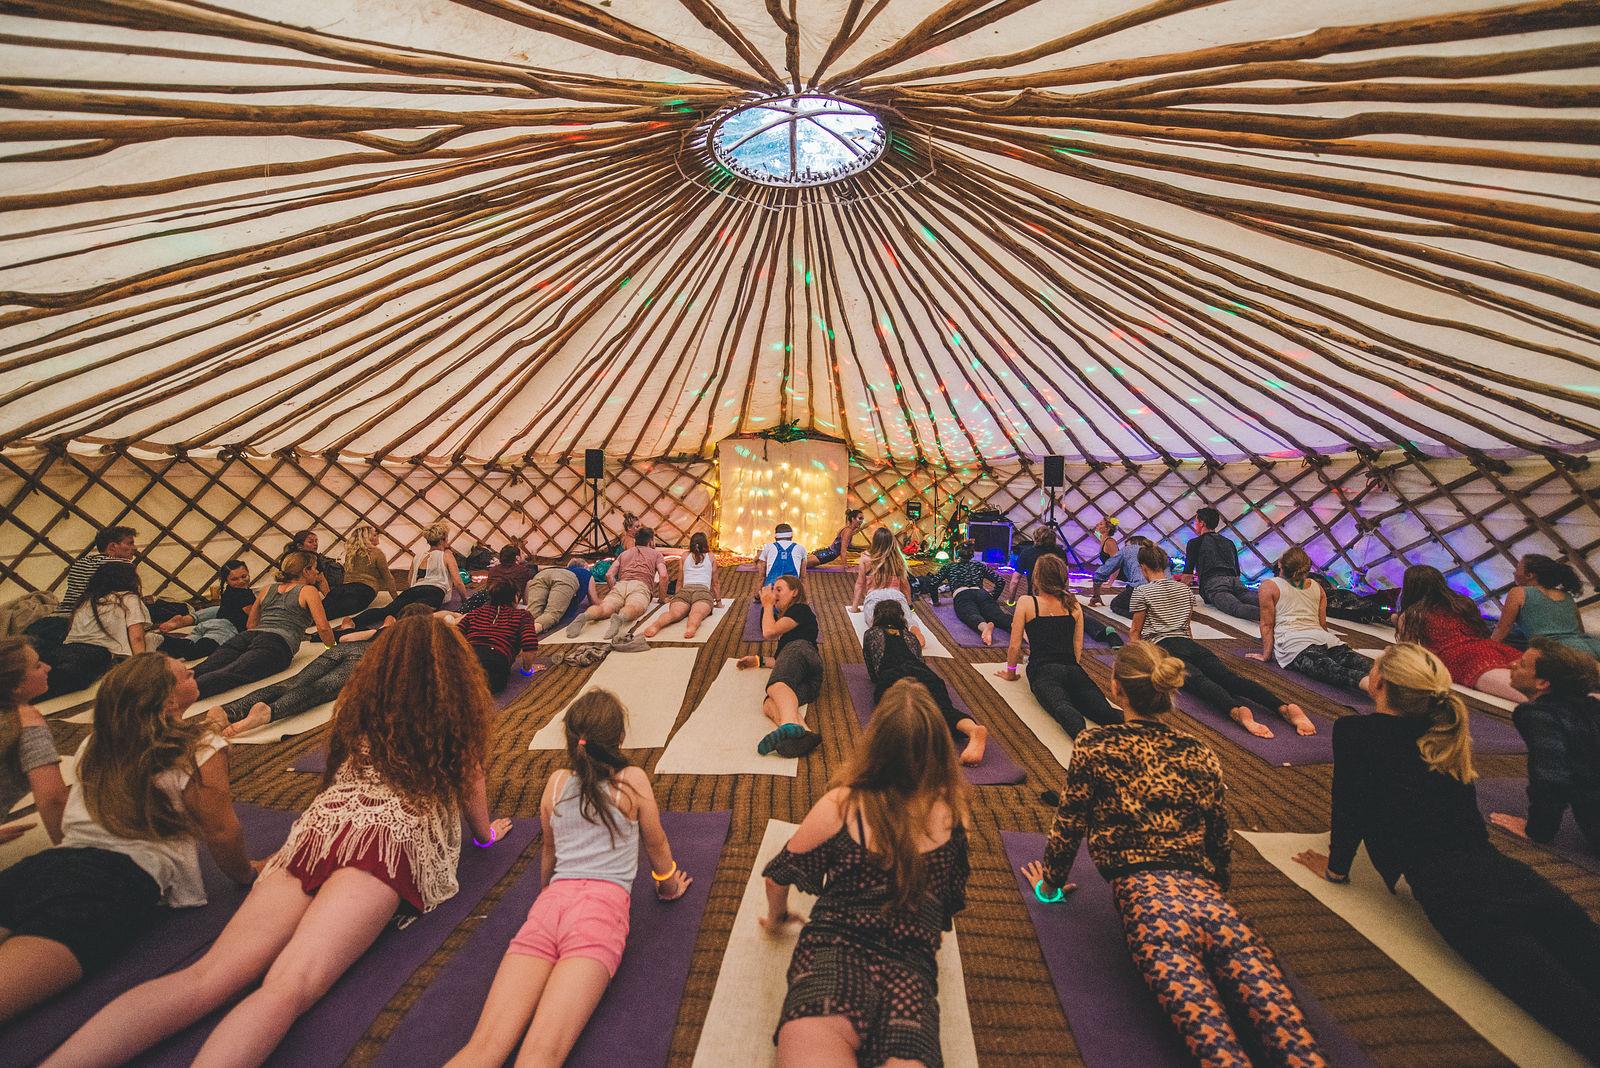 disco_yoga01_website_image_wwgt_standard.jpg